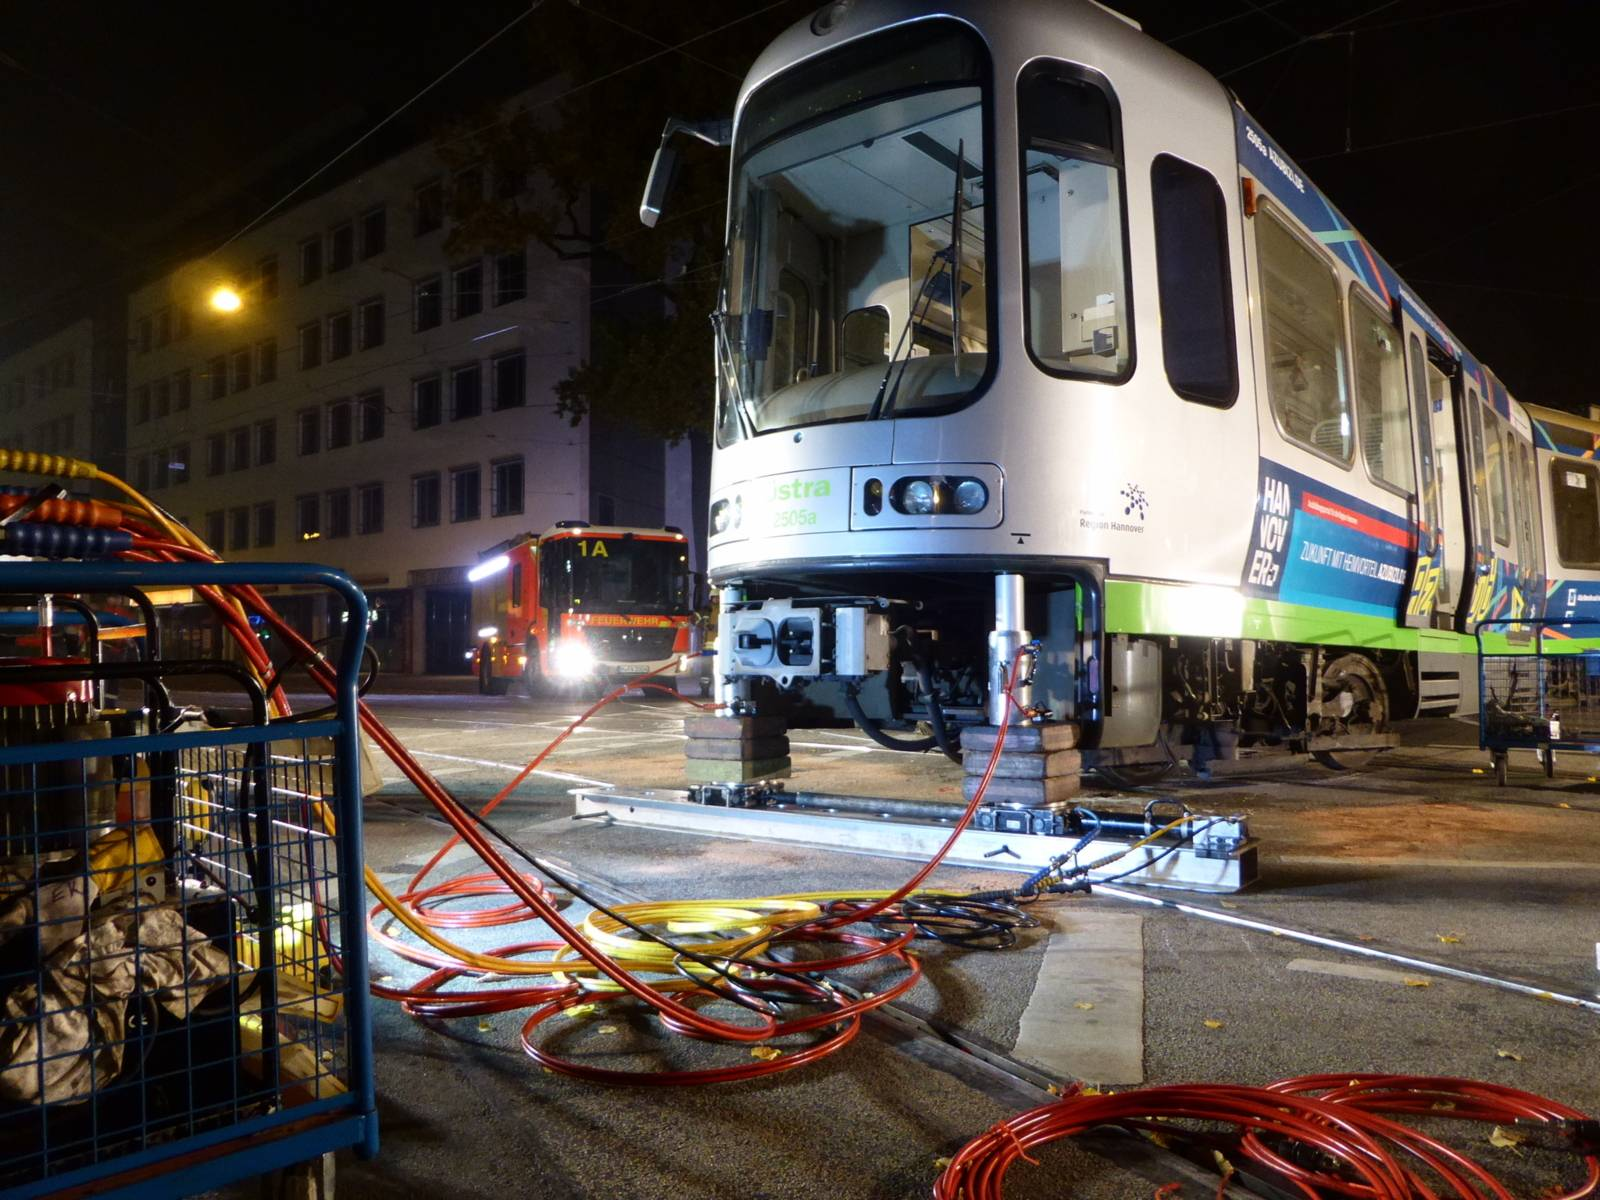 Mit hydraulischen Hebern und Seilwinden wurde die Stadtbahn angehoben und seitlich bewegt, um die entgleisten Räder wieder in die Schienen setzen zu können.